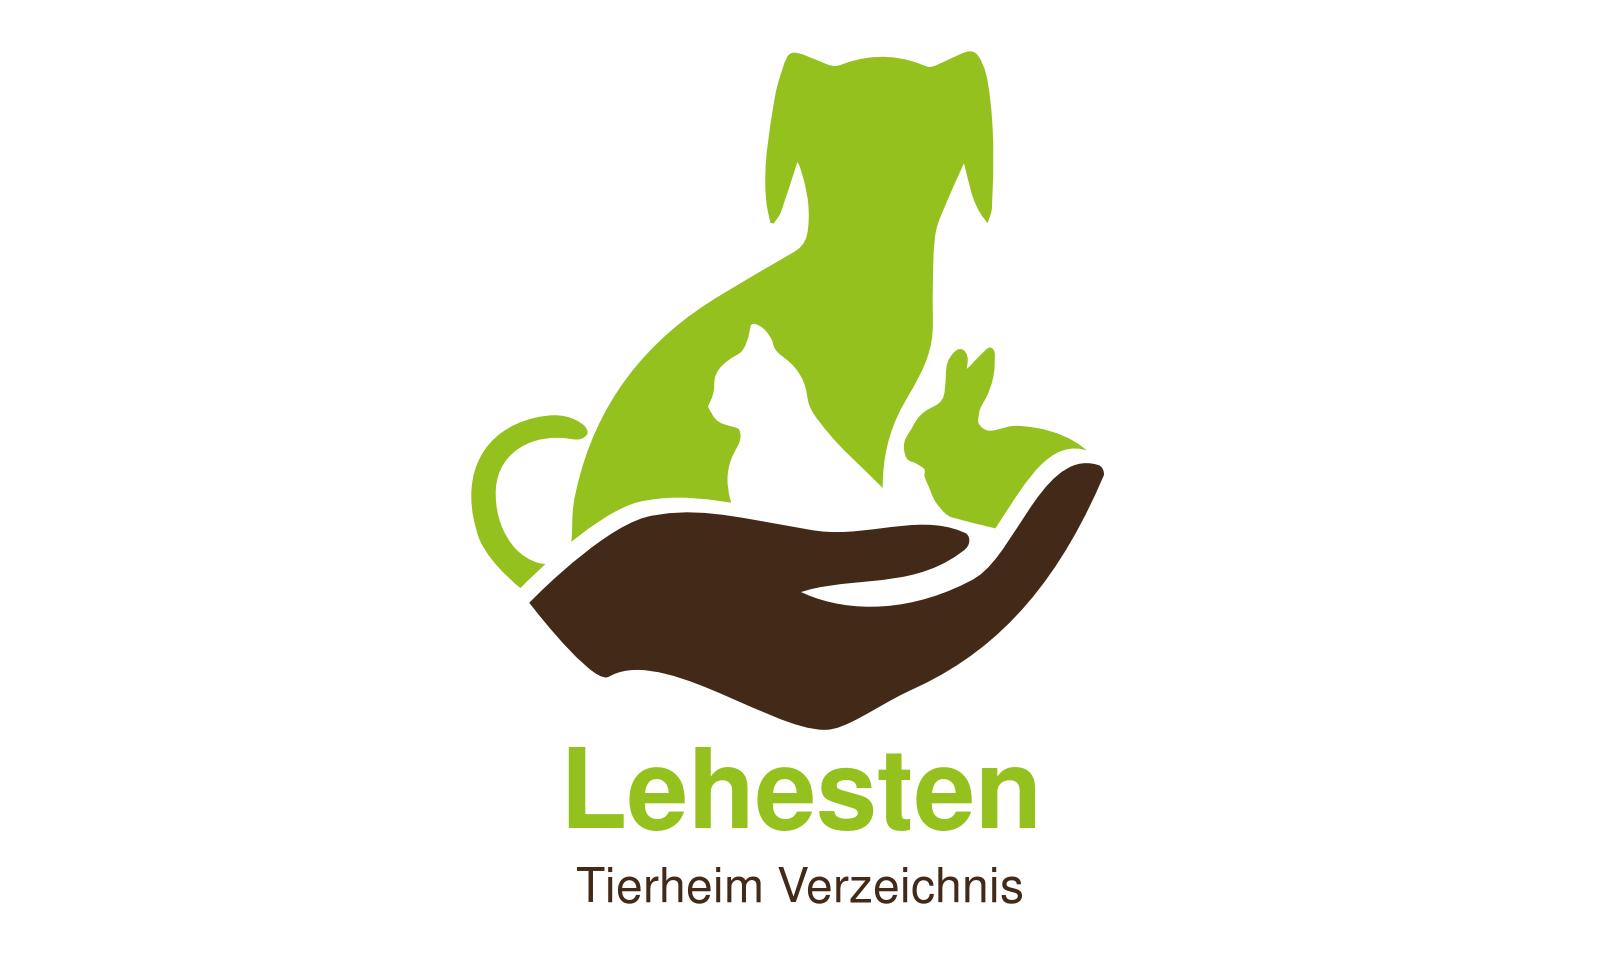 Tierheim Lehesten